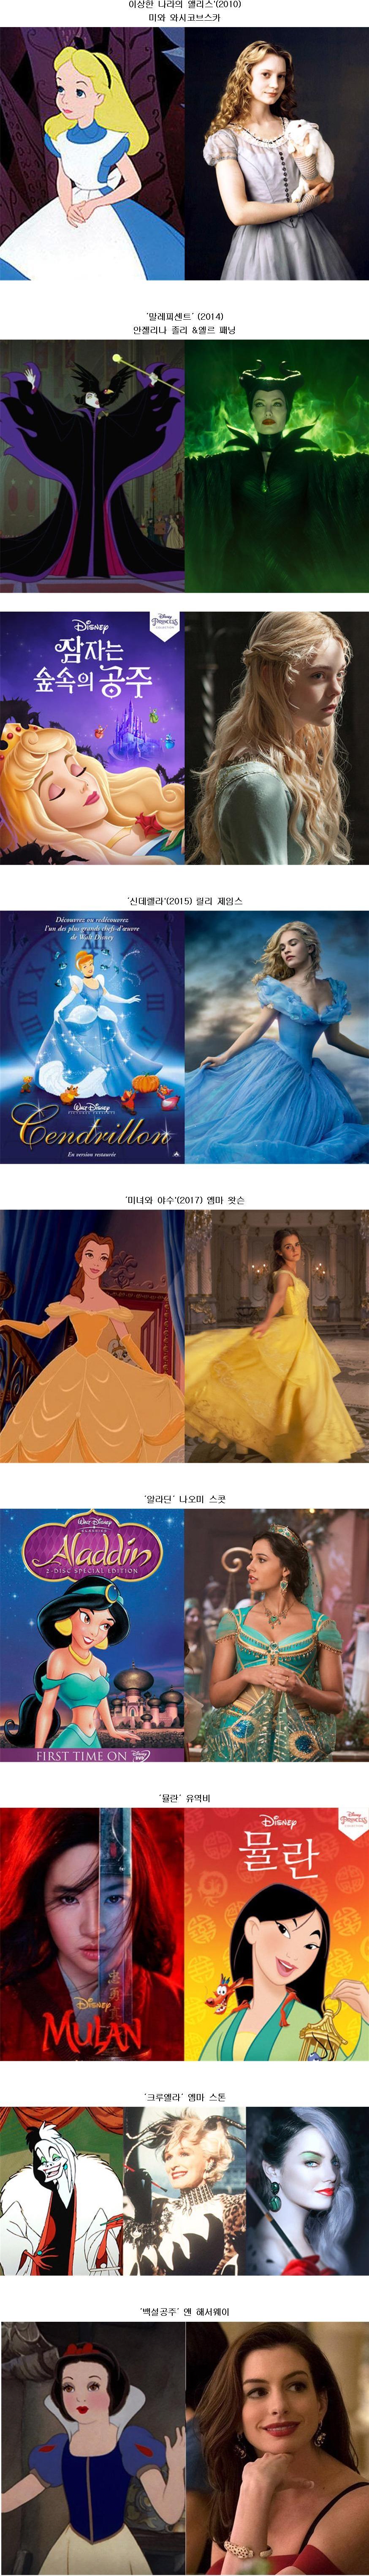 디즈니 실사 영화 속 여성 캐릭터들의 싱크로율..jpg